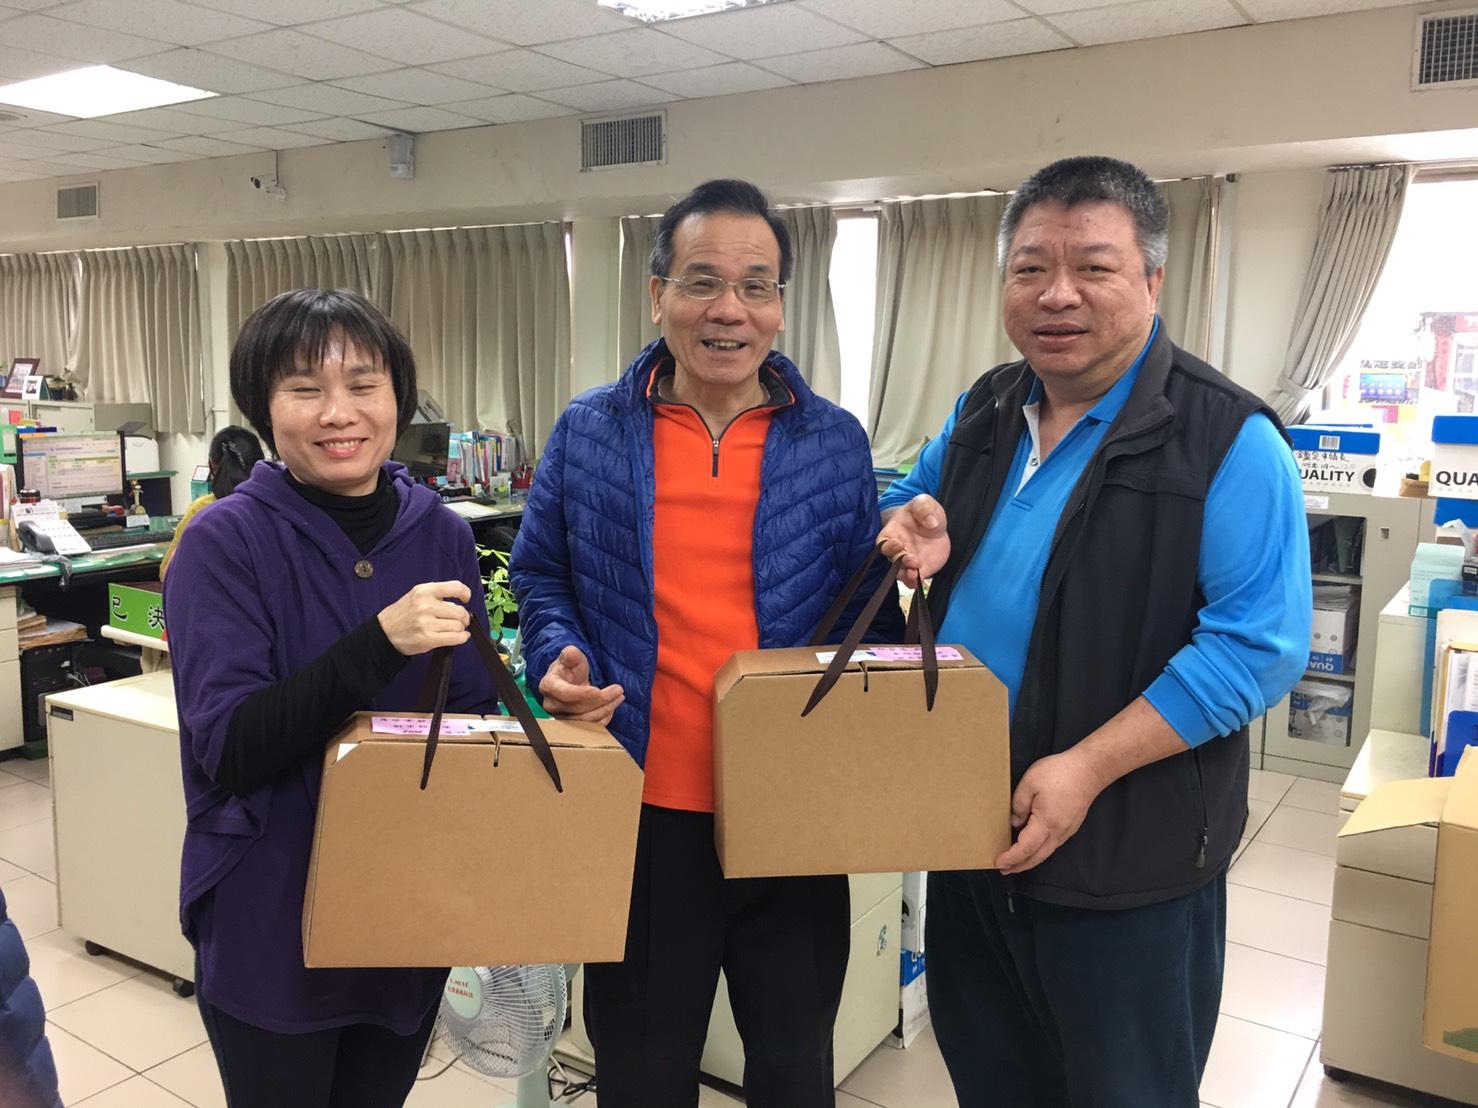 區長致贈課室主管春節鮮魚禮盒,並祝福大家2018金狗年旺來福